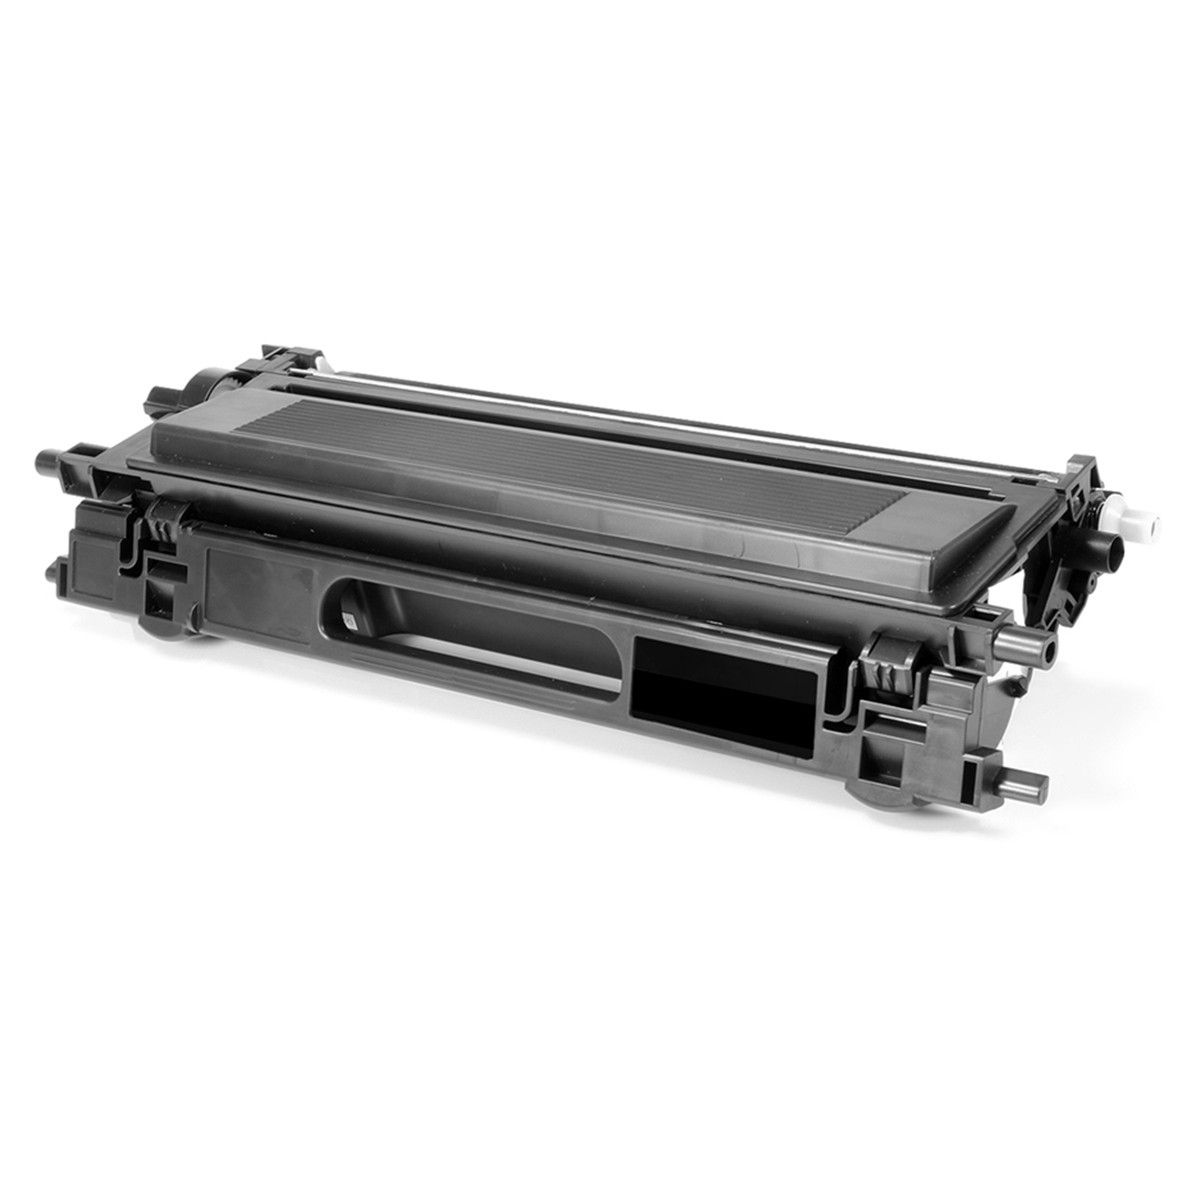 Toner Compatível com Brother TN 115BK TN 115 Black - DCP9040 HL4040 HL4070 MFC9440 9450 - 5.000 Páginas - Cartucho & Cia